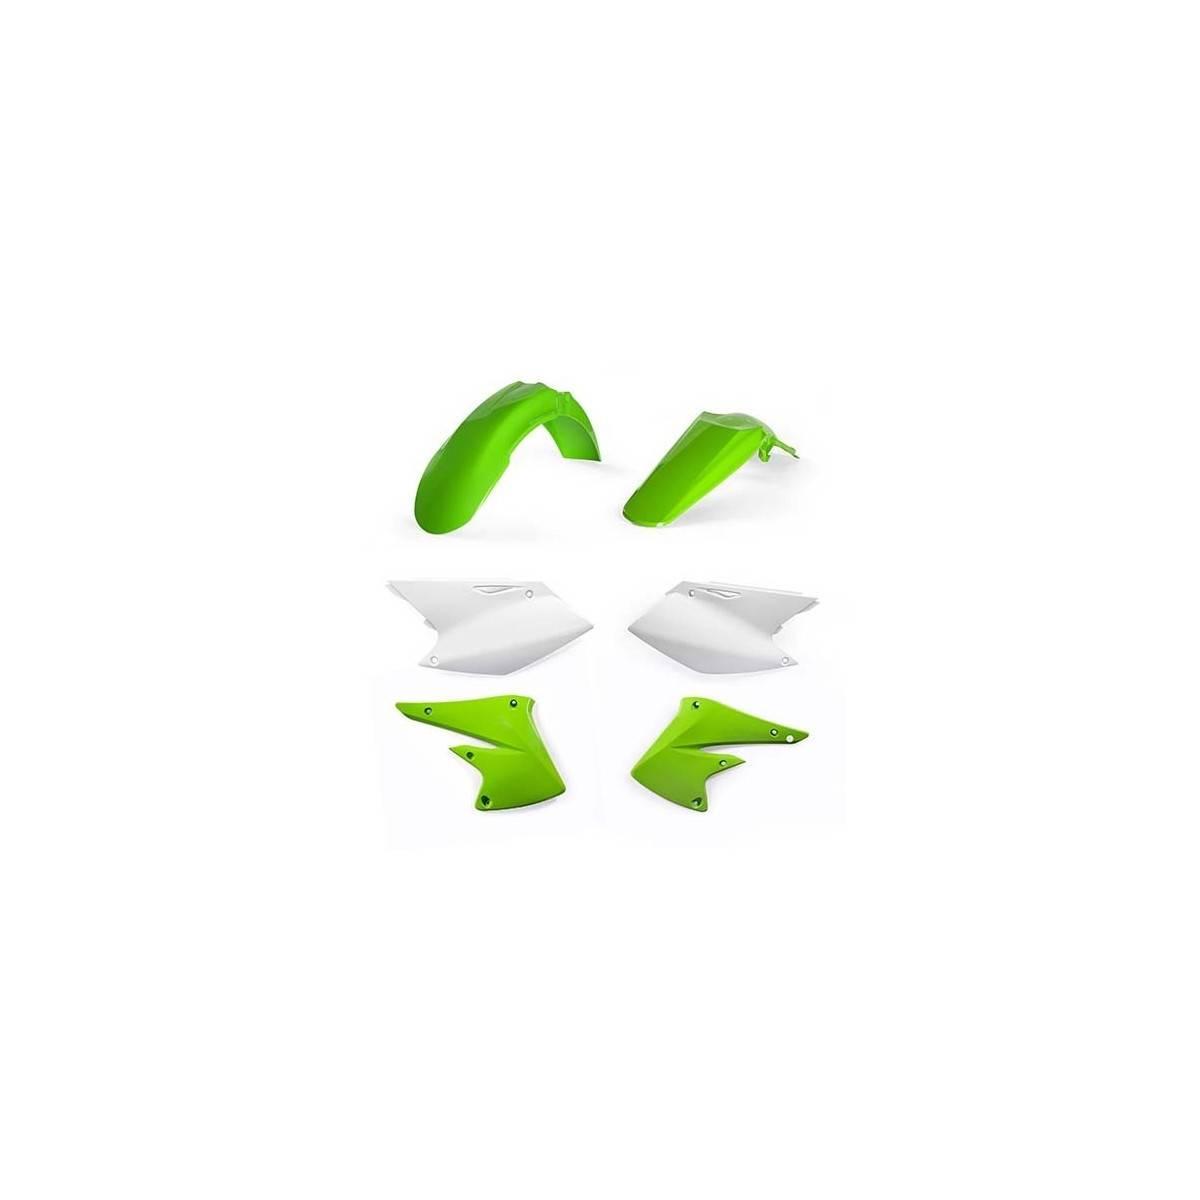 0022984-553 - Kit Plasticos Kxf 250 18 Origen